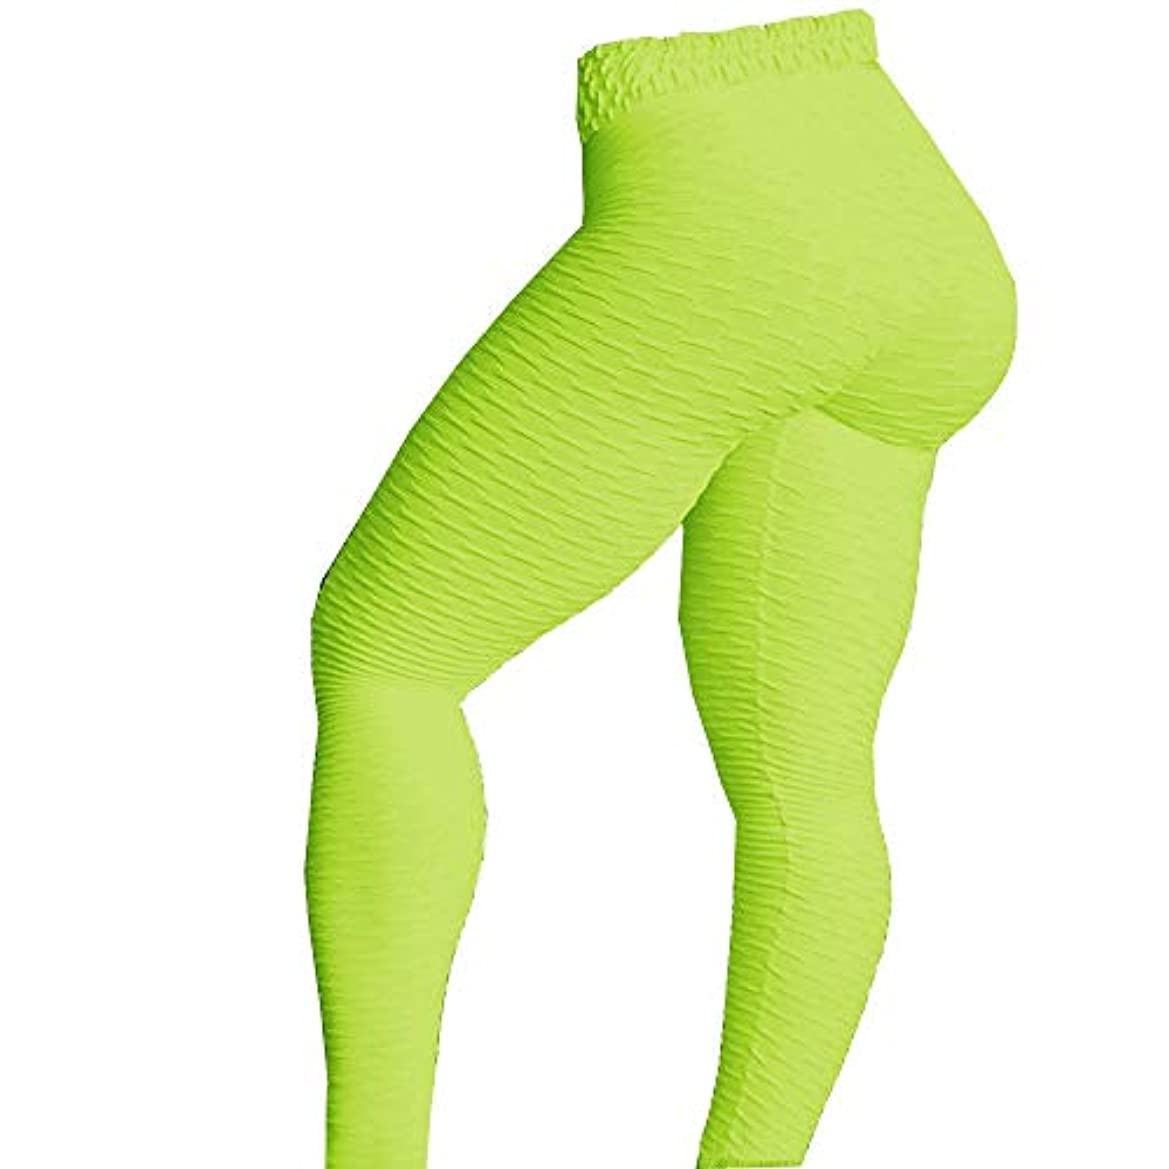 圧倒的コンテストカプラーMIFAN パンツ女性、ハイウエストパンツ、スキニーパンツ、ヨガレギンス、女性のズボン、ランニングパンツ、スポーツウェア